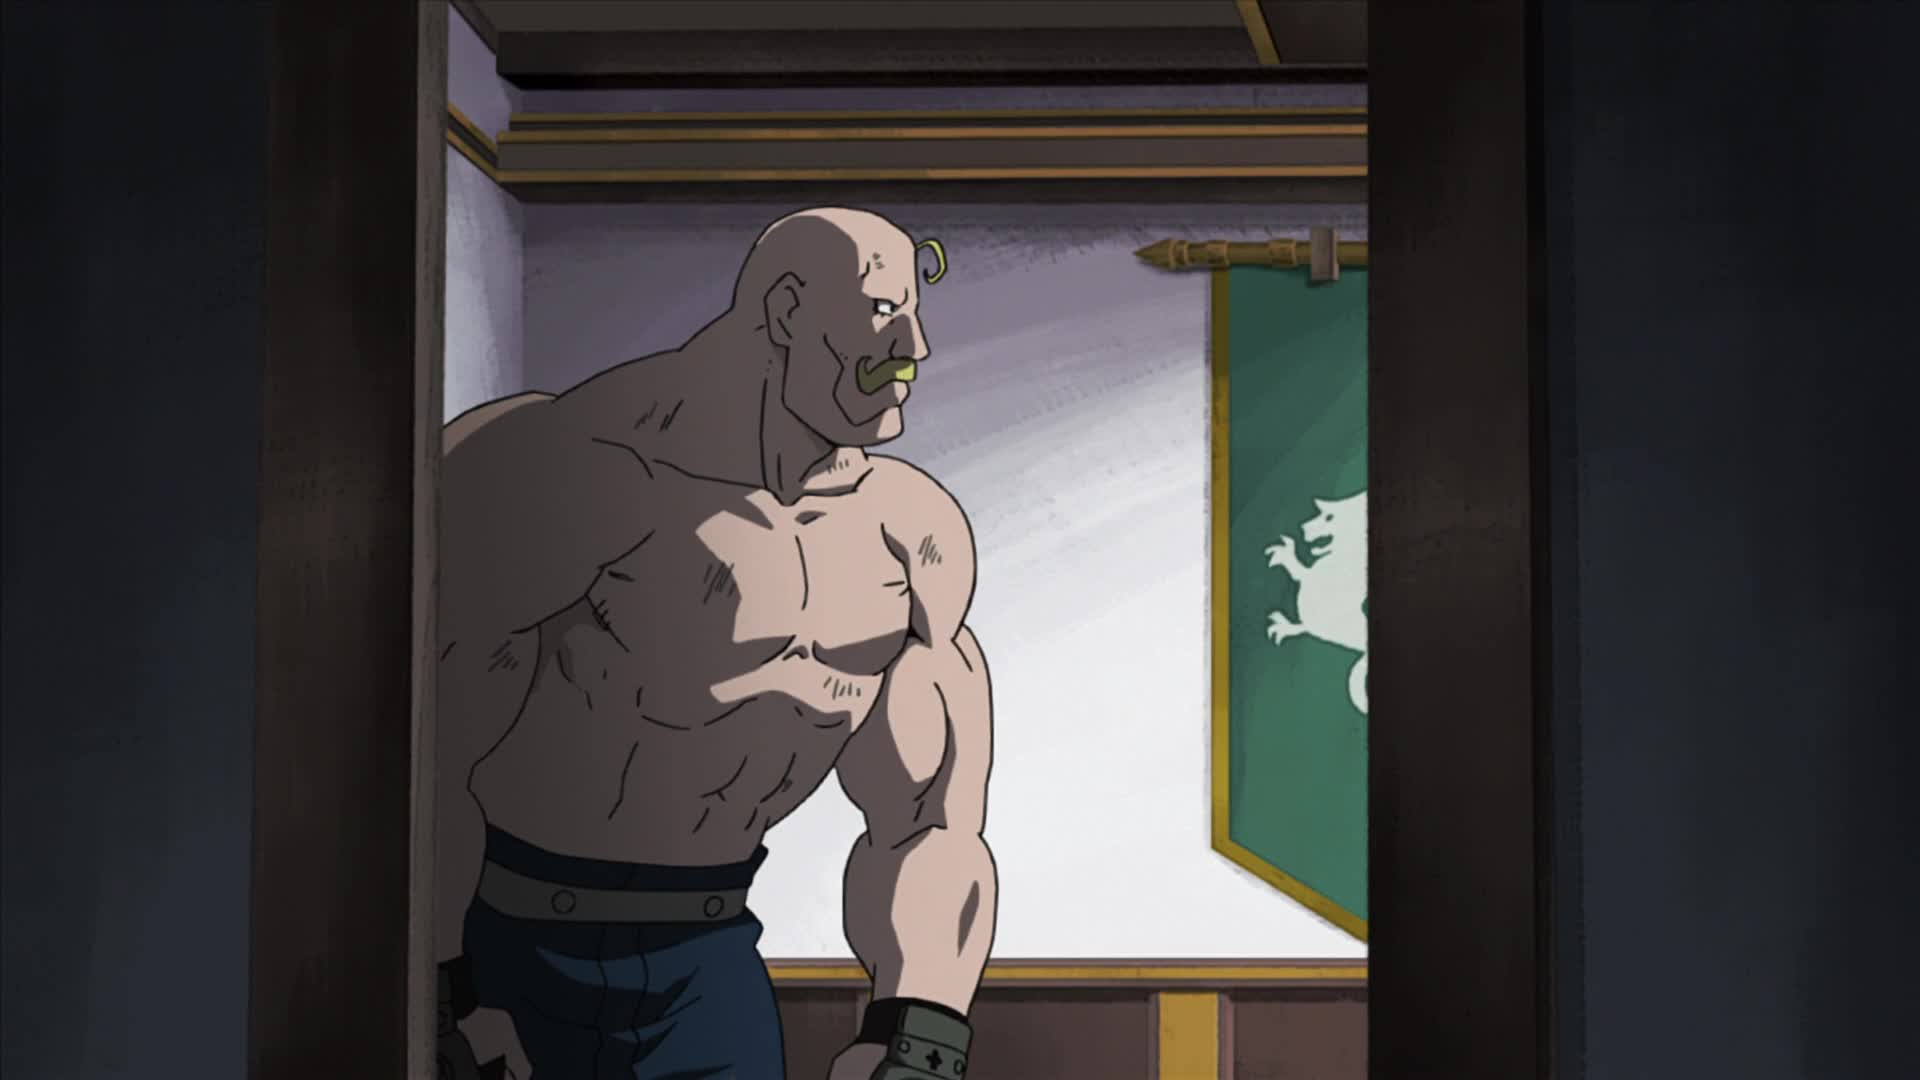 Hagane no Renkinjutsushi (2009) - Episode 2